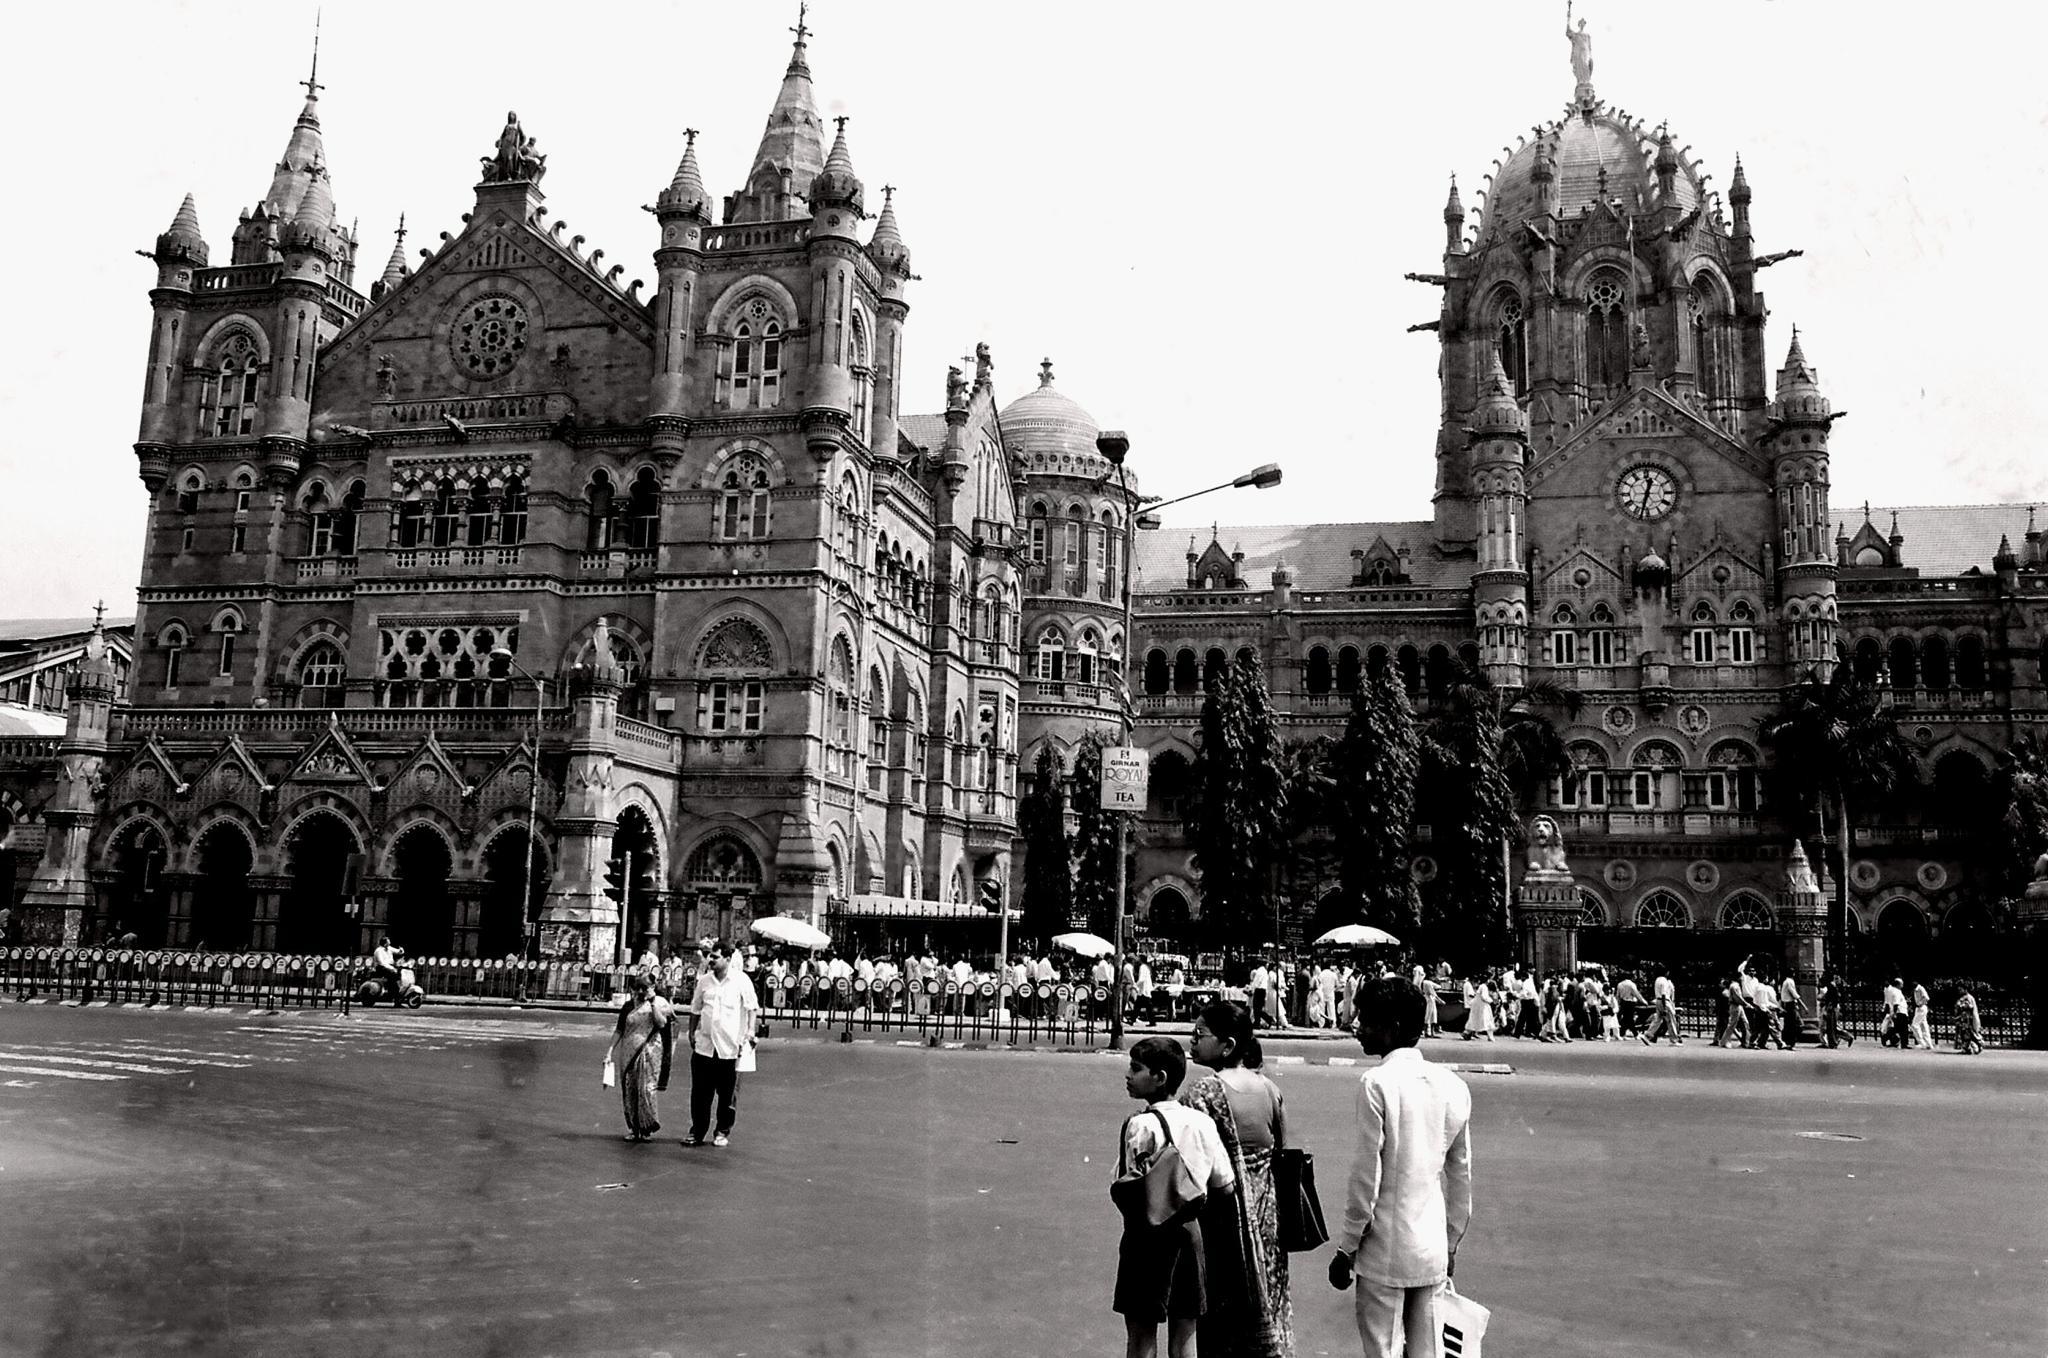 Chhatrapati Shivaji Terminus railway station by adjie tjokrosoedarmo